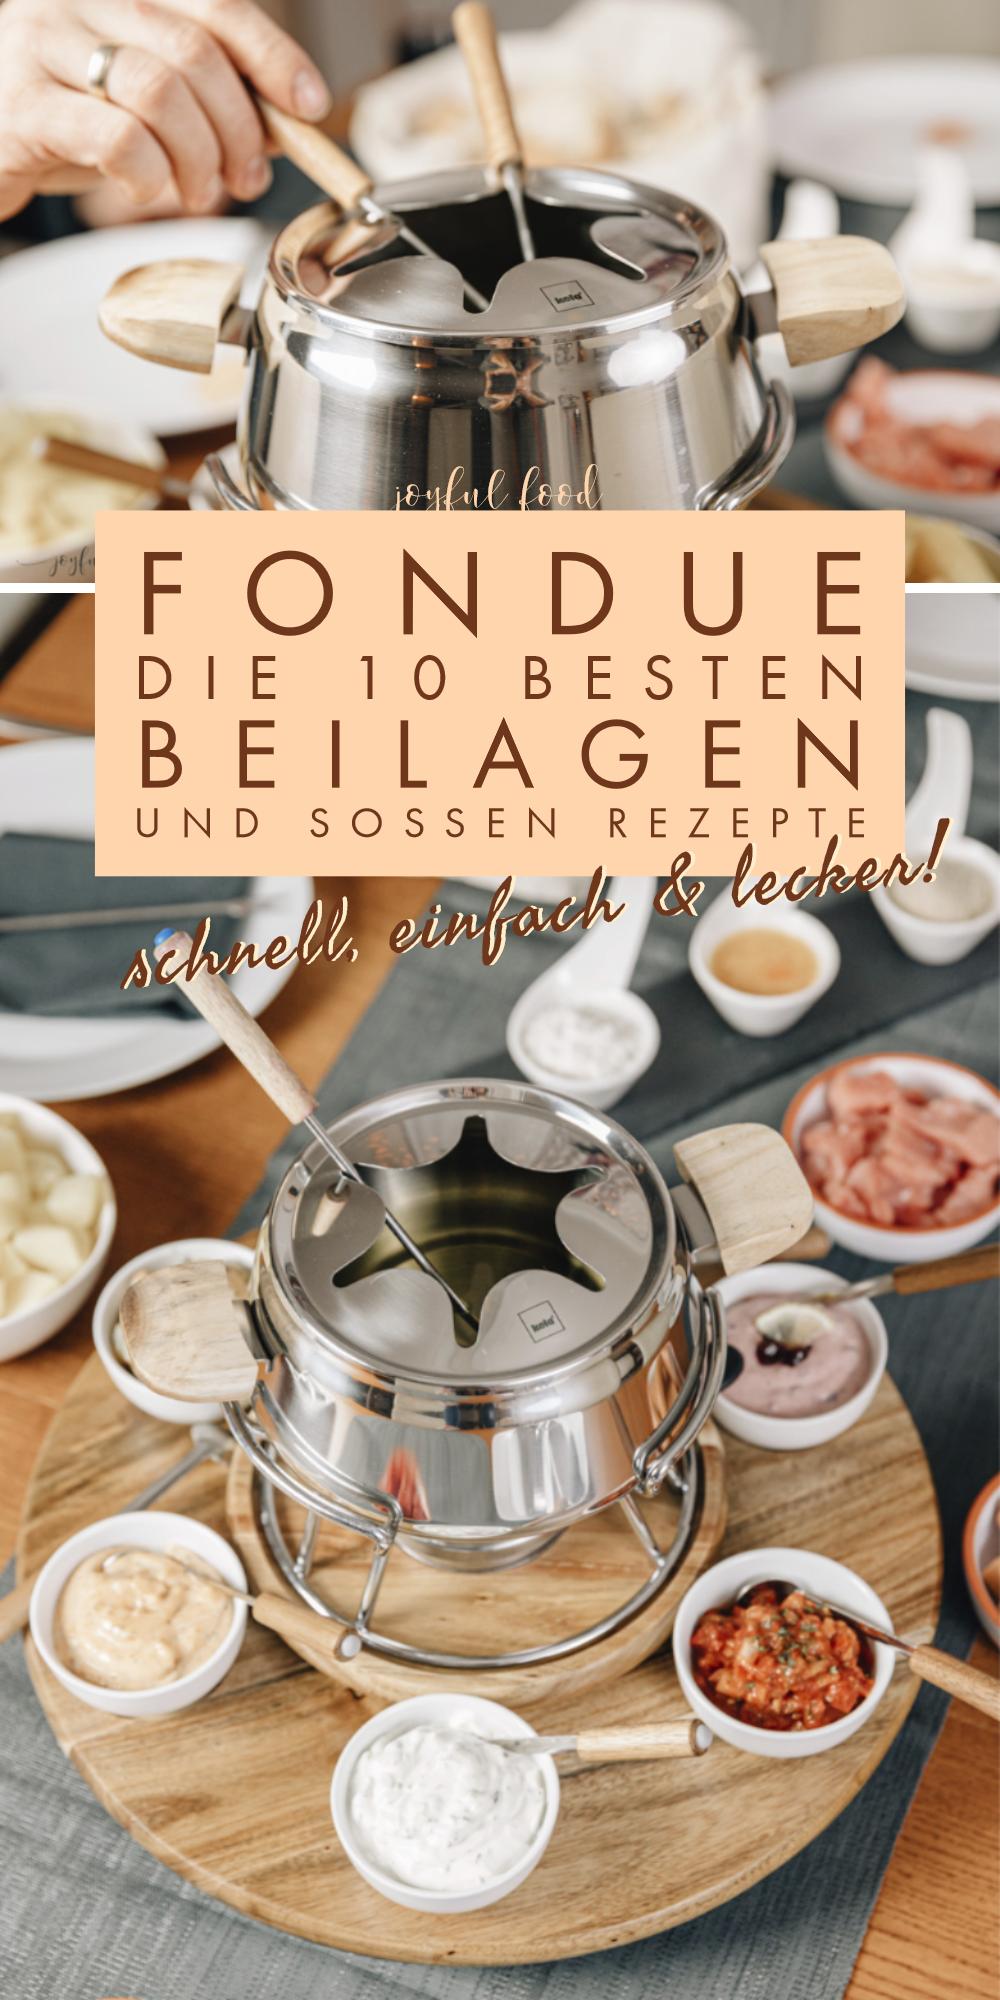 Fondue Rezepte - die 10 besten Beilagen und Saucen